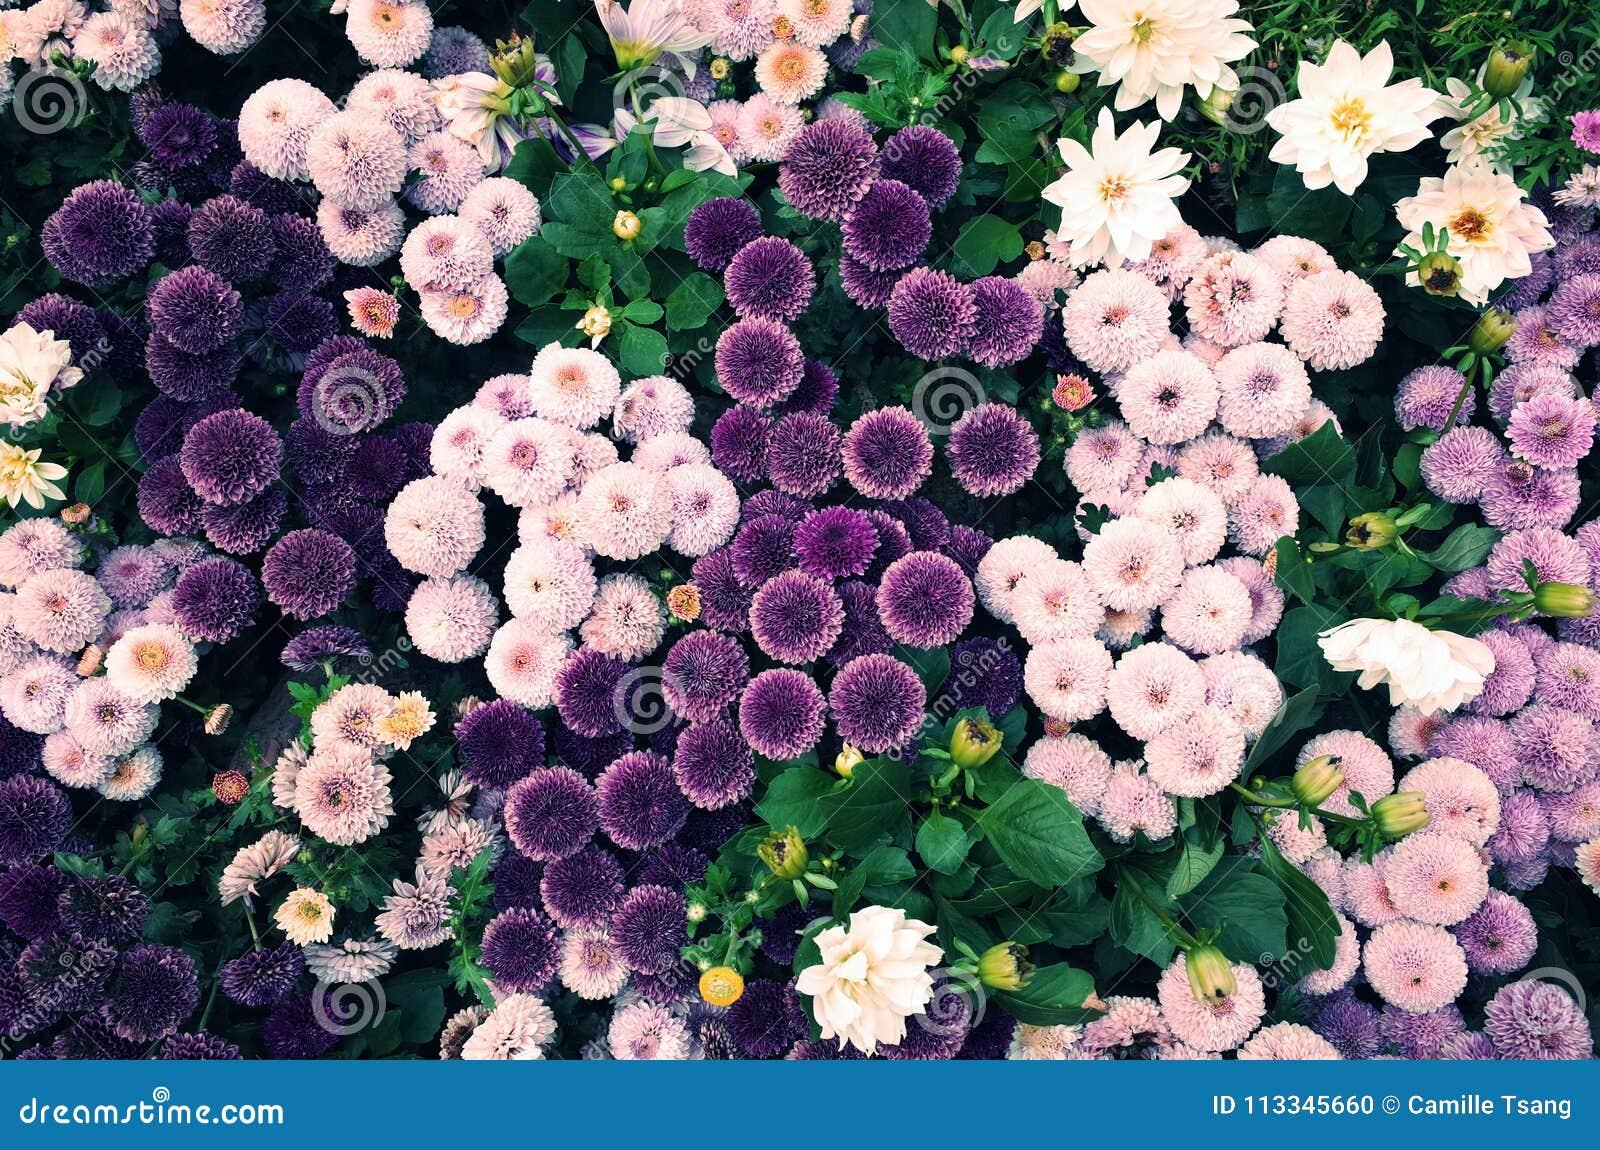 Fiori A Palla.Fiori A Forma Di Palla Viola Fotografia Stock Immagine Di